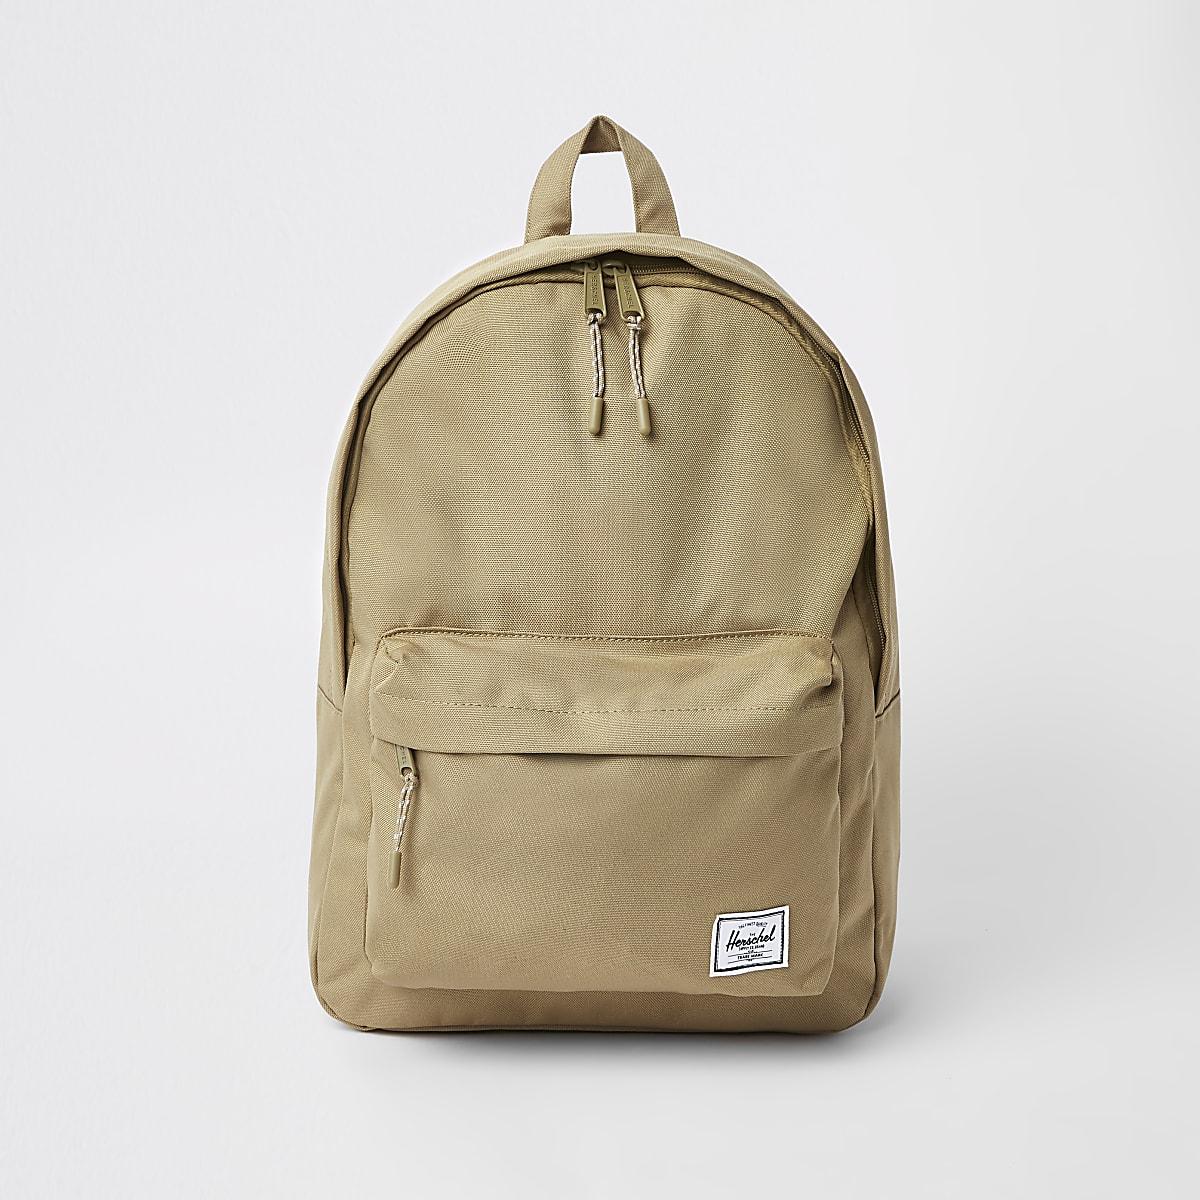 df262716bba272 Herschel stone classic rucksack - Backpacks / Rucksacks - Bags - men